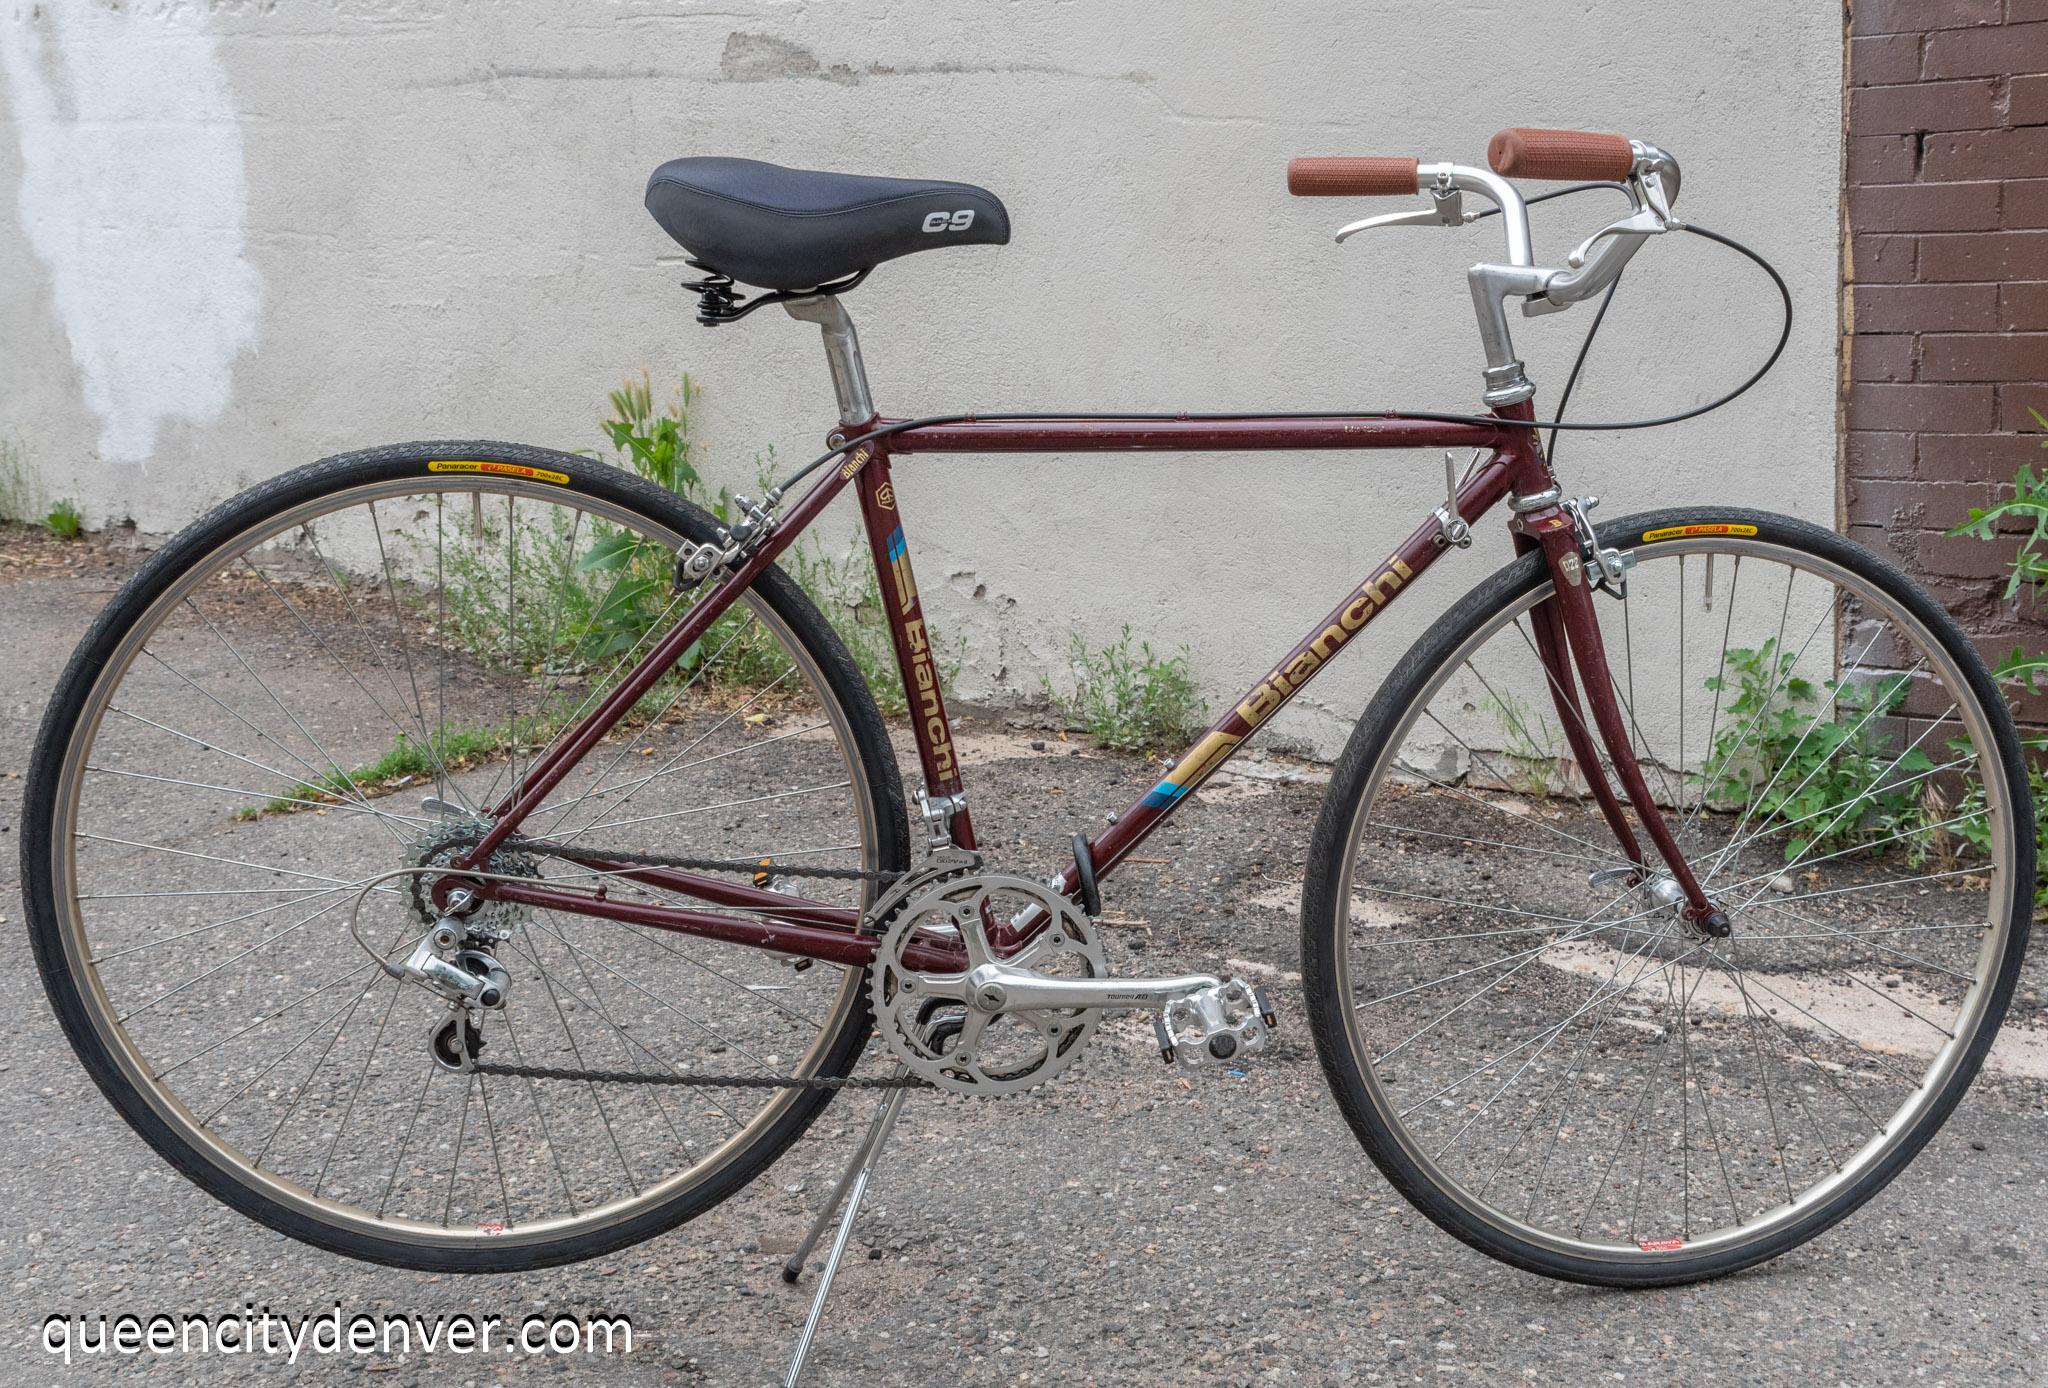 Bianchi Road Bike_5470.jpg